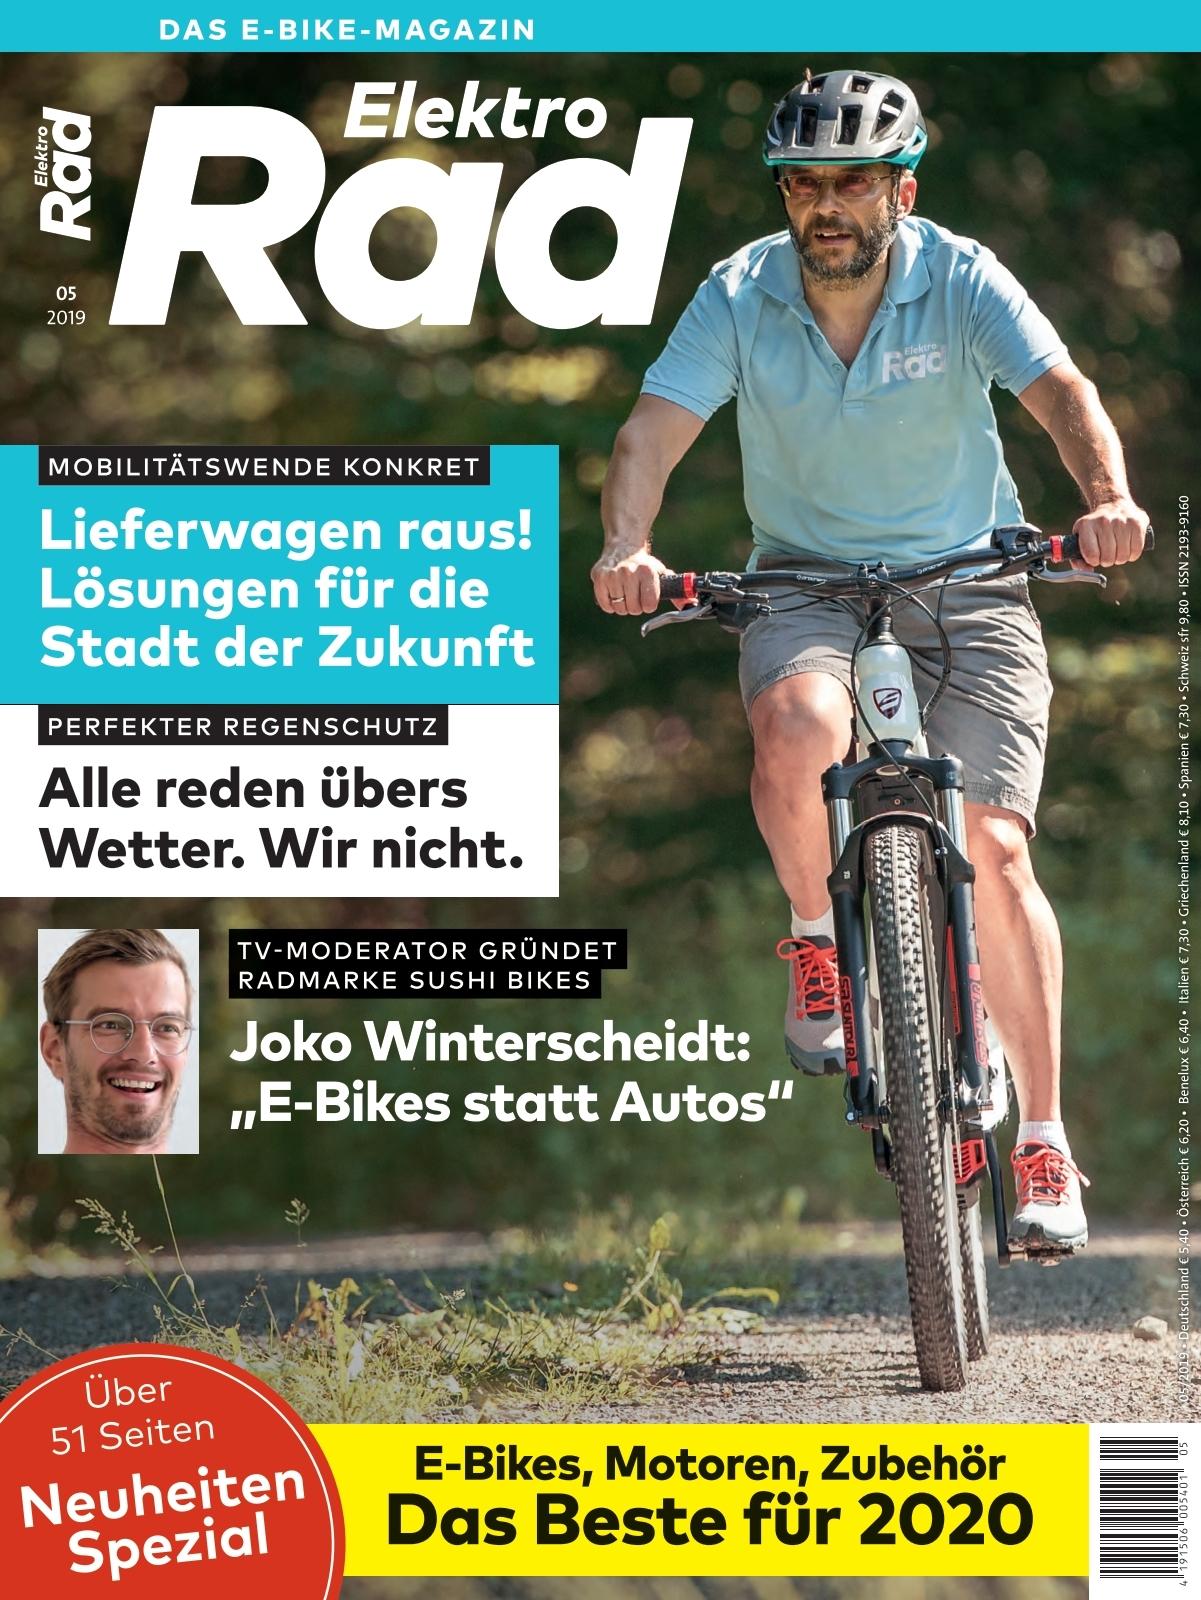 Maximilian Khnel - Auf der Haid 1 - 82515 - Fahrradhndler